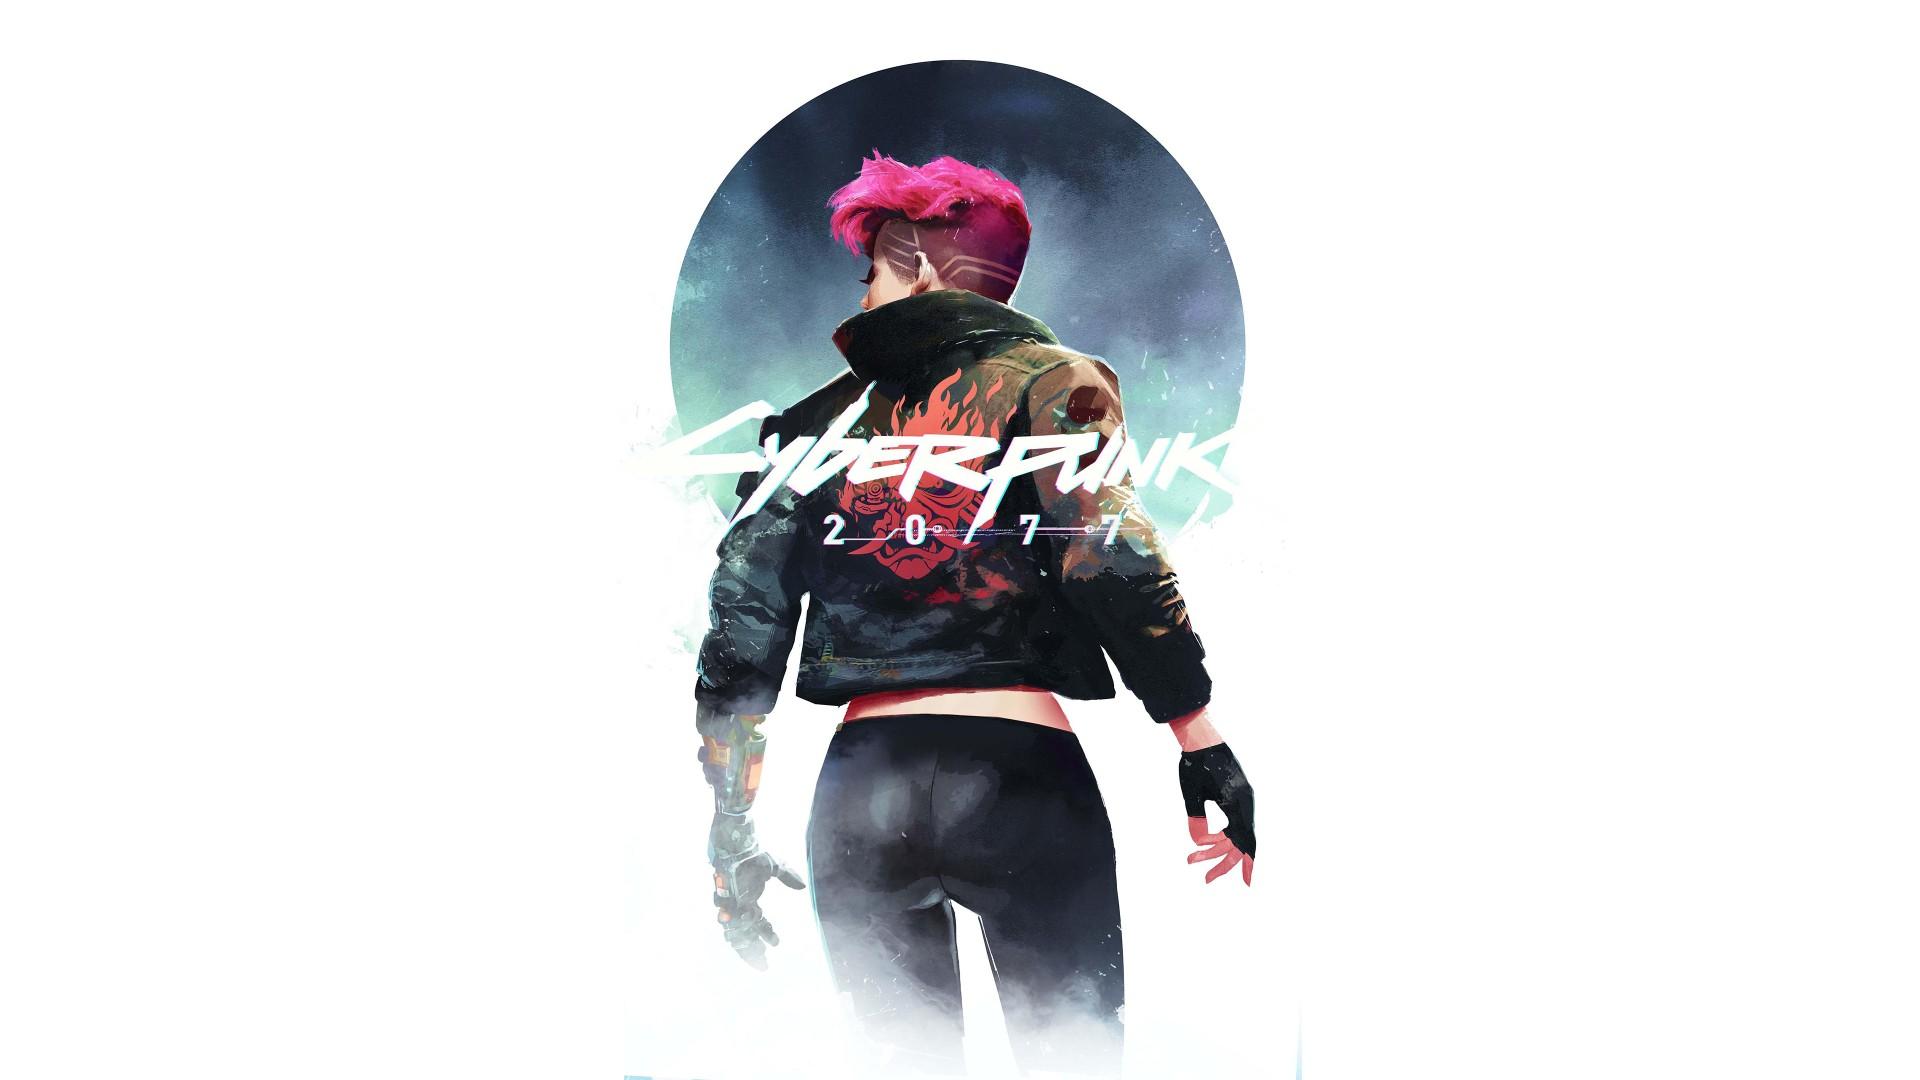 Cyberpunk 2077 Poster desktop wallpaper hd